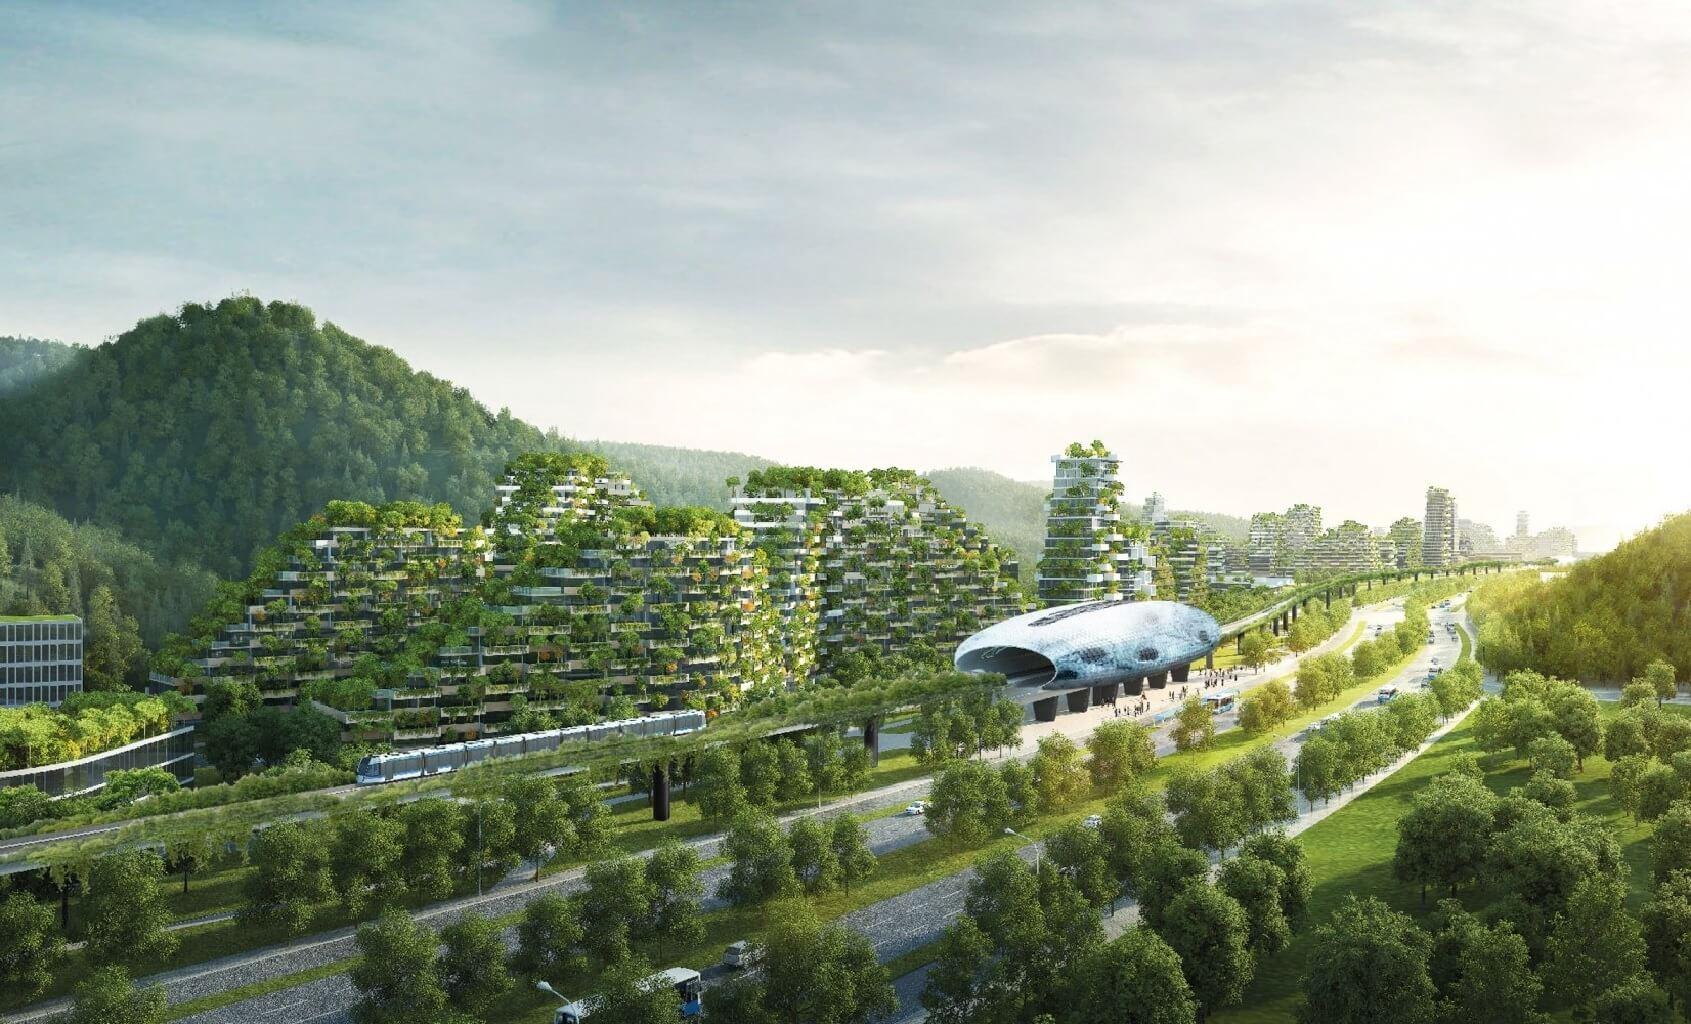 جنگلی عمودی در شهر برای مقابله با آلودگی هوا، راهحل خلاقانه طراح ایتالیایی